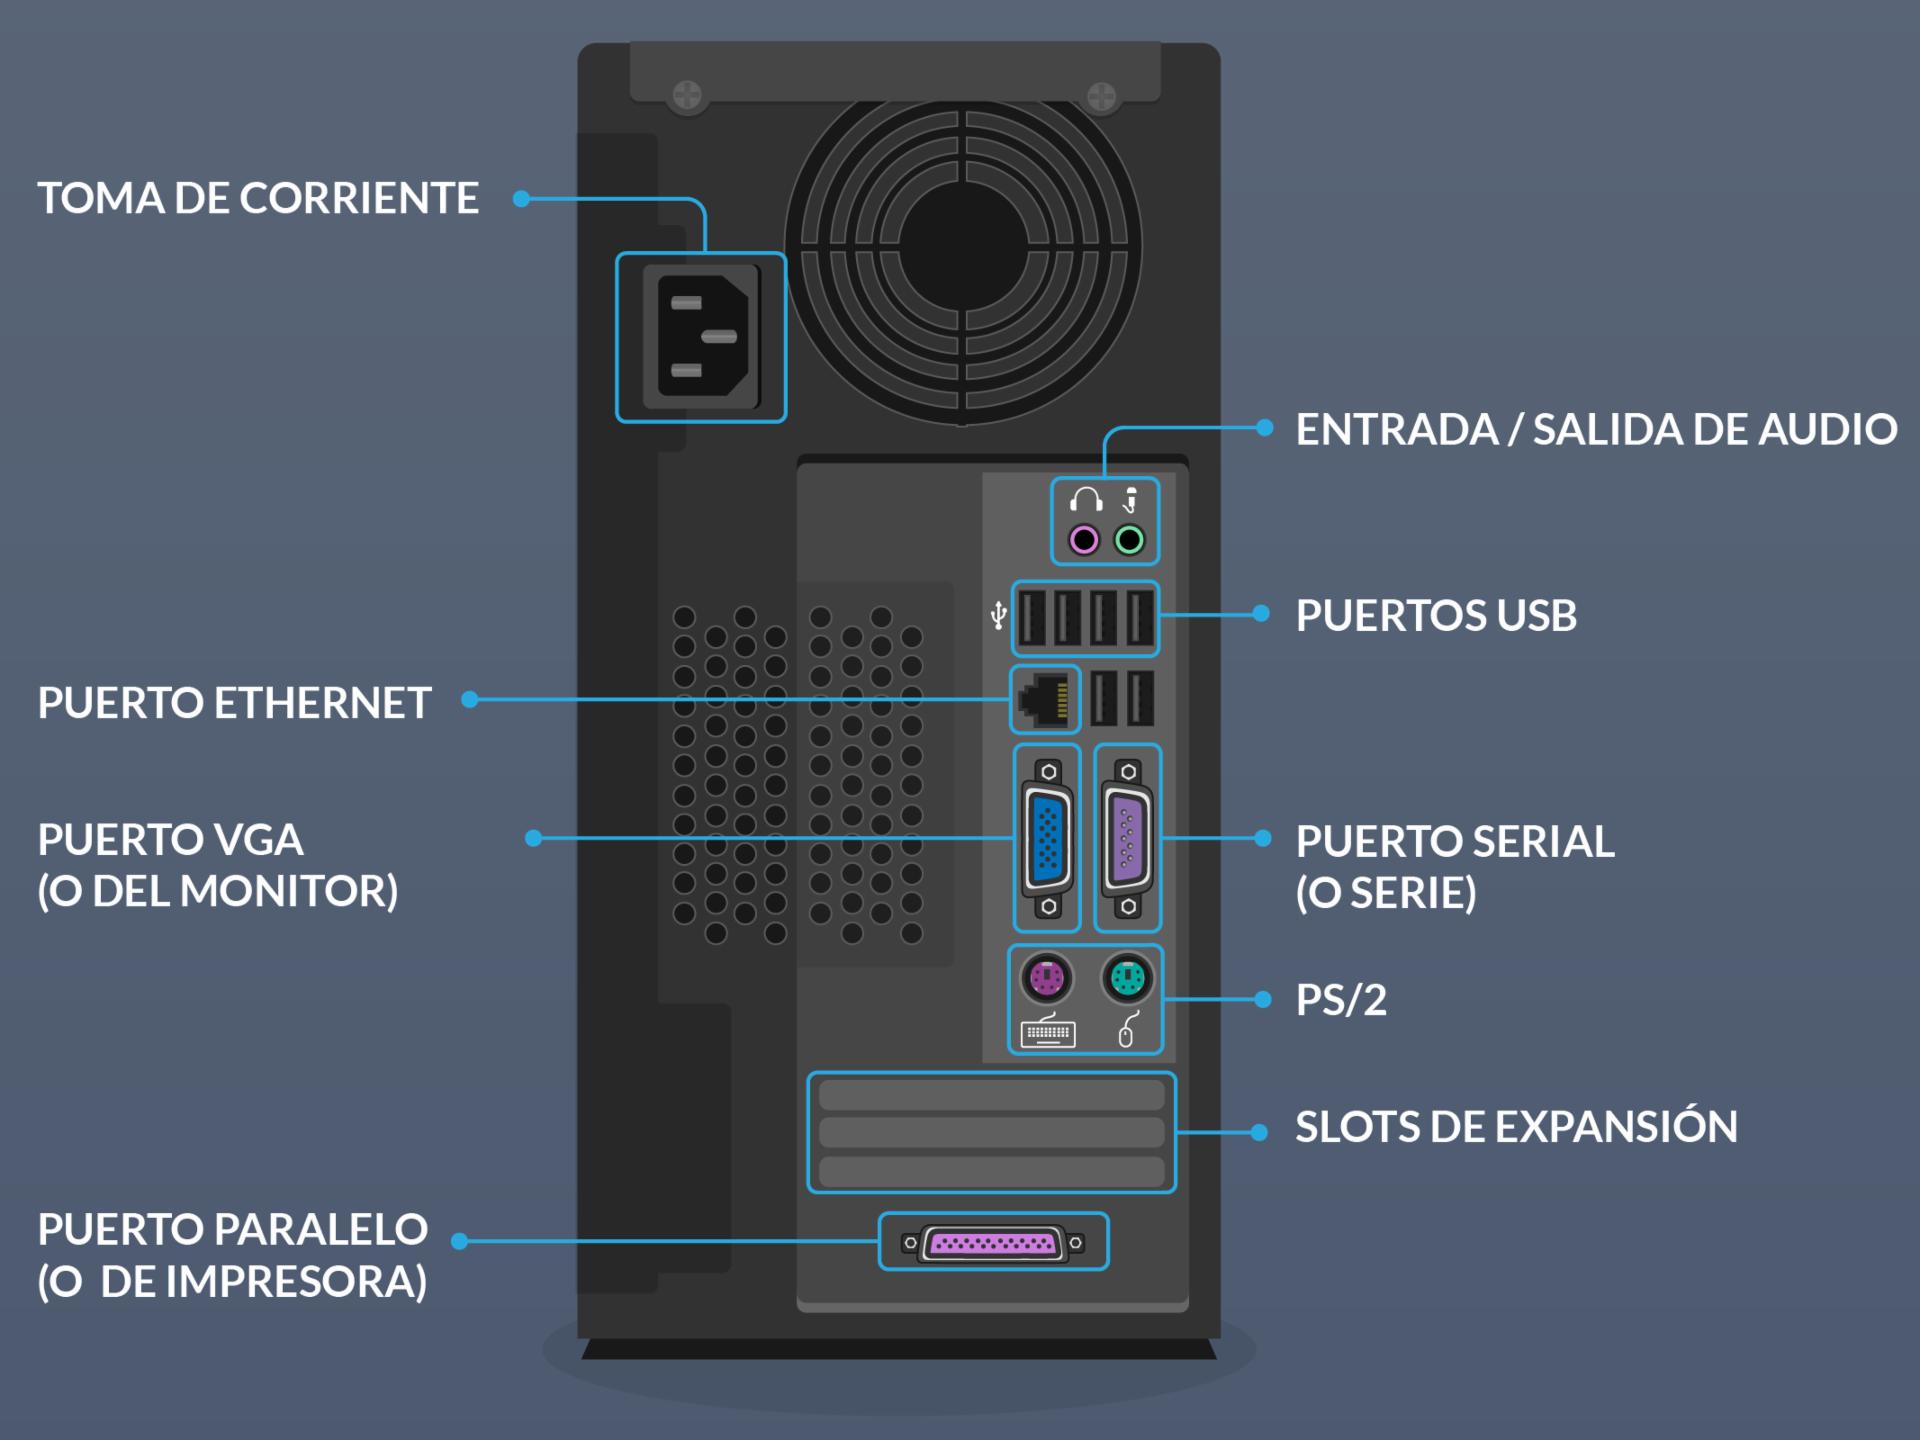 Informática Básica: Parte posterior de la torre